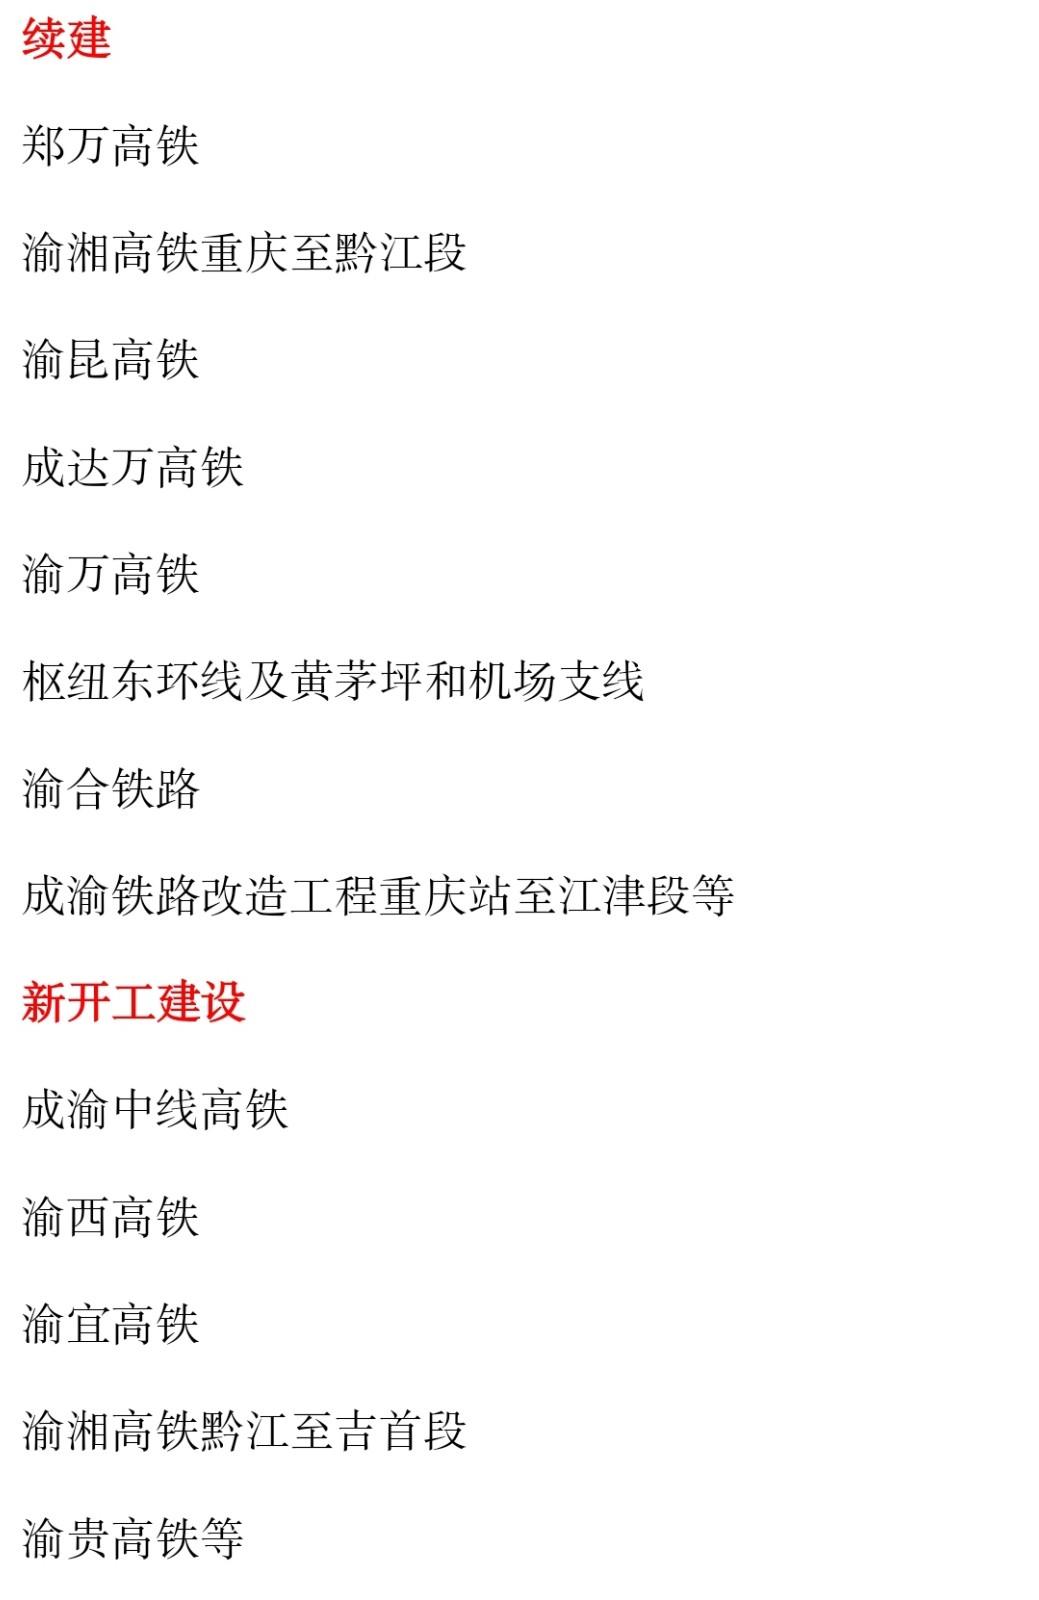 整理版重庆145综合交通铁路规划:续建8开工5